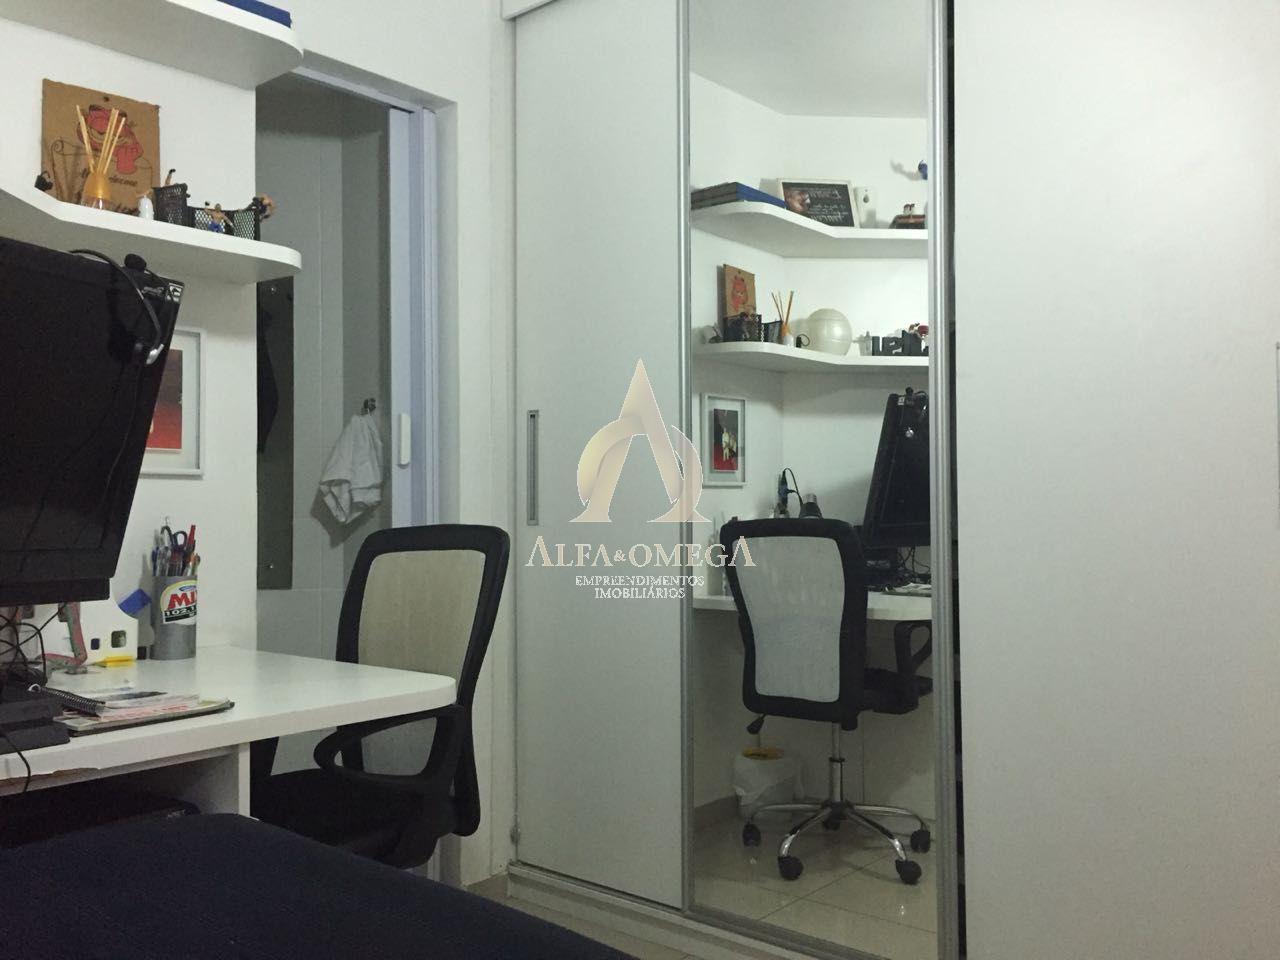 FOTO 10 - Apartamento 2 quartos para venda e aluguel Barra da Tijuca, Rio de Janeiro - R$ 770.000 - AOMH20321 - 11